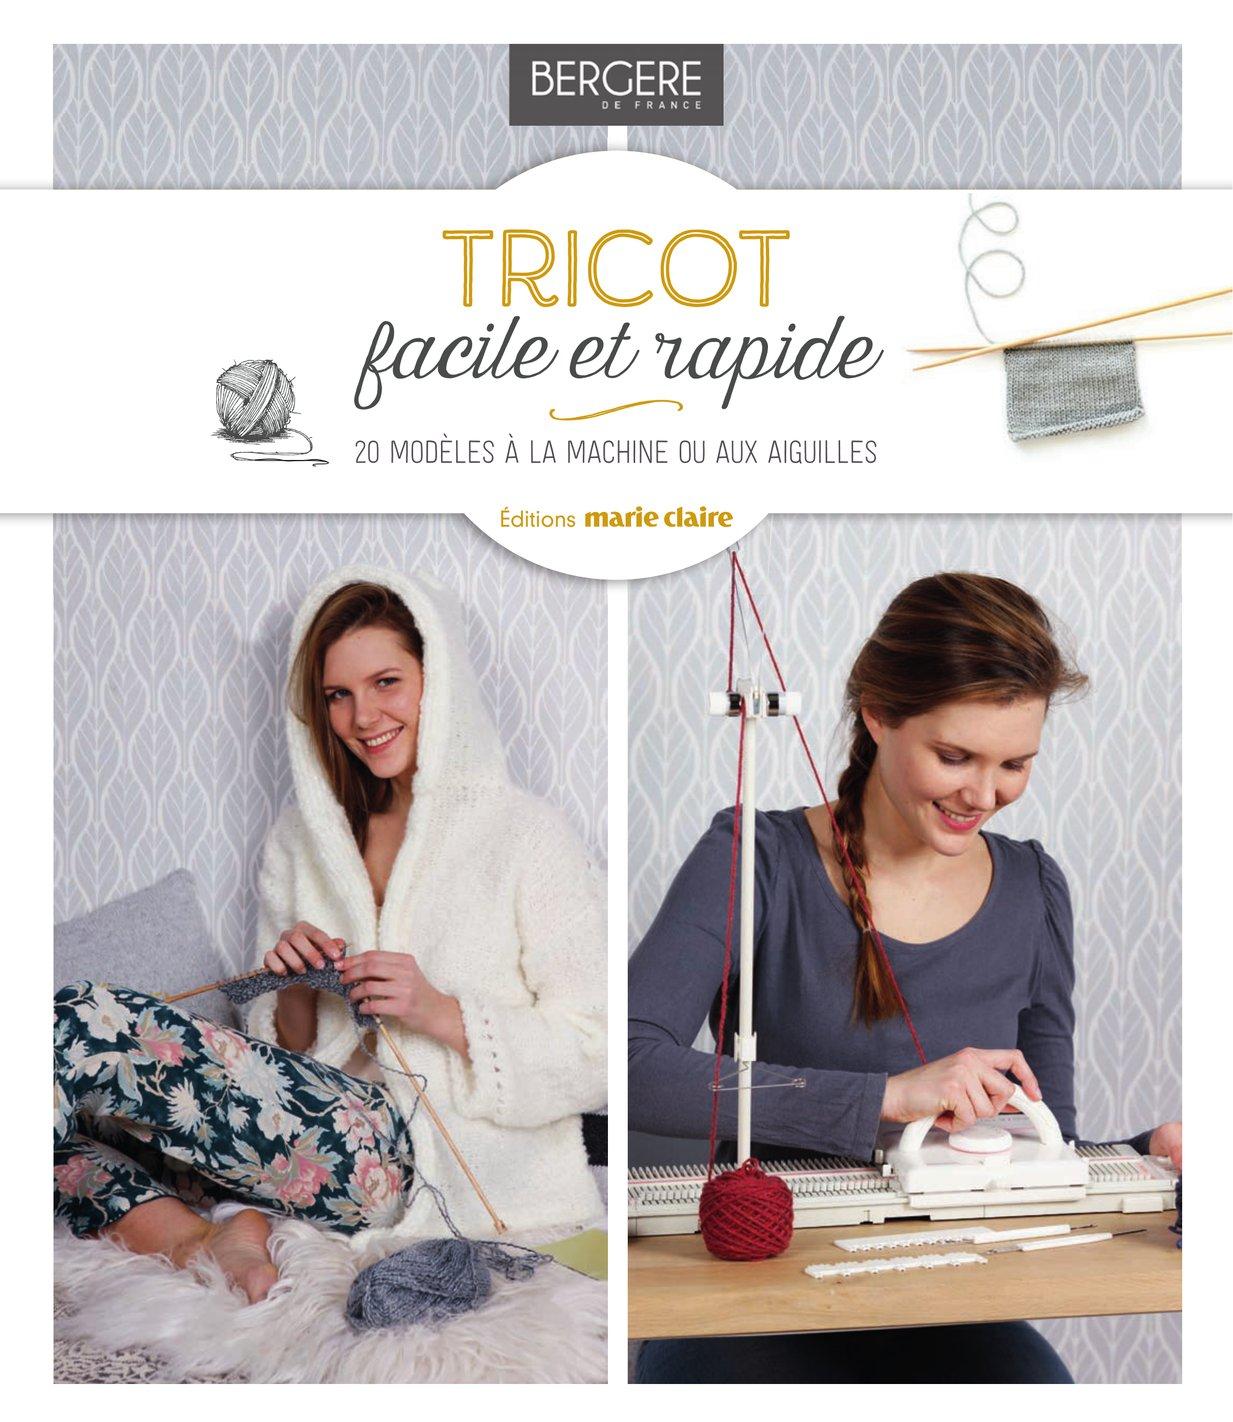 Tricot Facile Et Rapide 20 Modeles A La Machine Et Aux Aiguille Editions Marie Claire Bergere De France